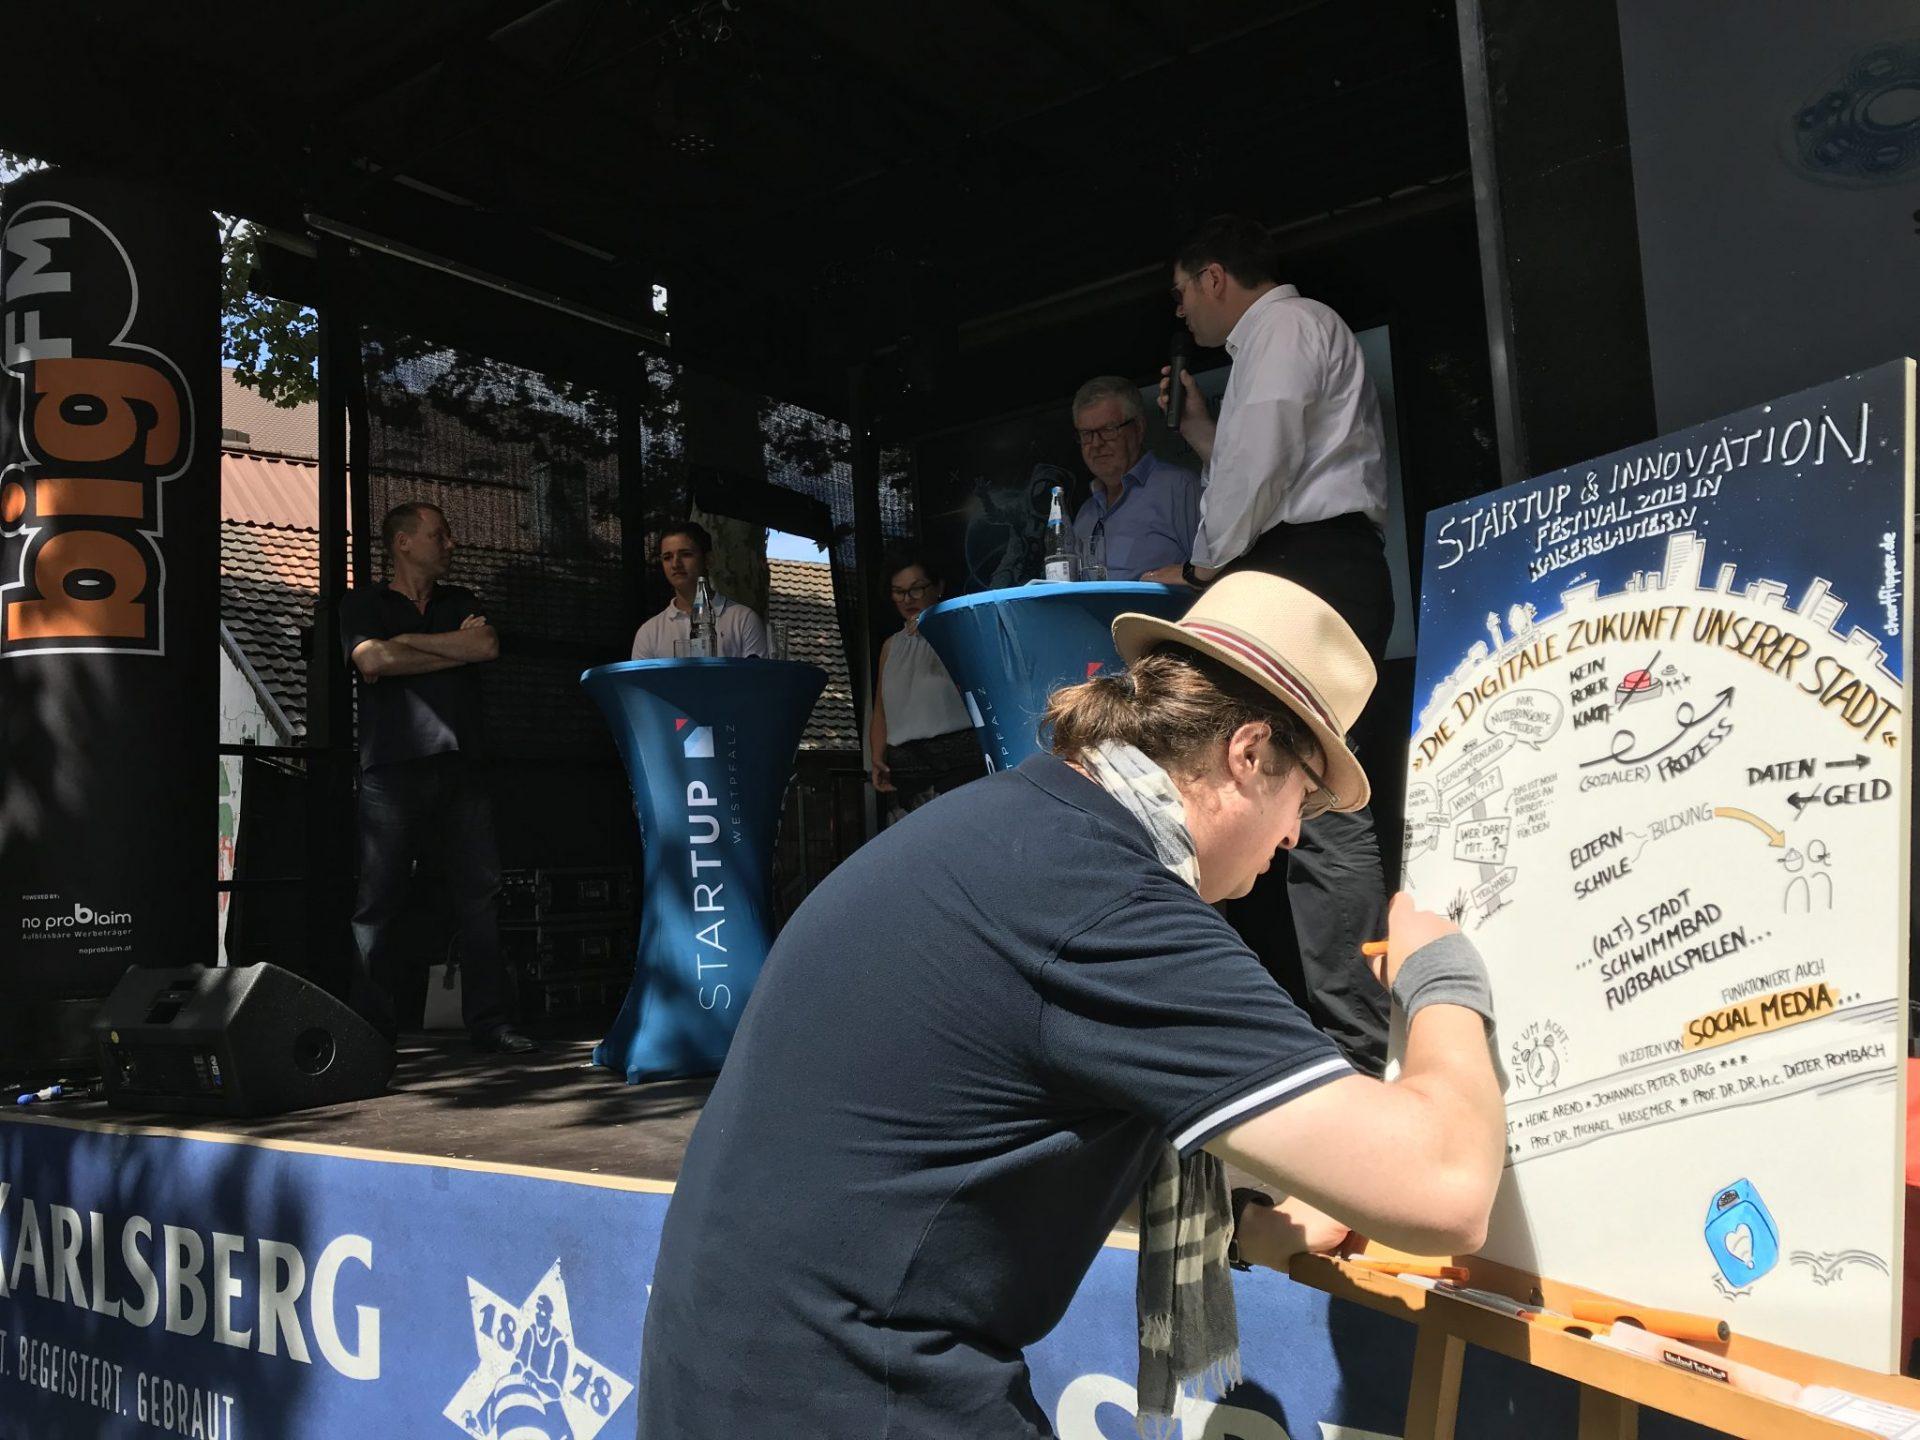 Mehrere Menschen stehen auf einer Bühne im Freien und diskutieren. Ein Mann mit Hut steht vor der Bühne und zeichnet etwas auf eine Leinwand. Auf der Leinwand steht